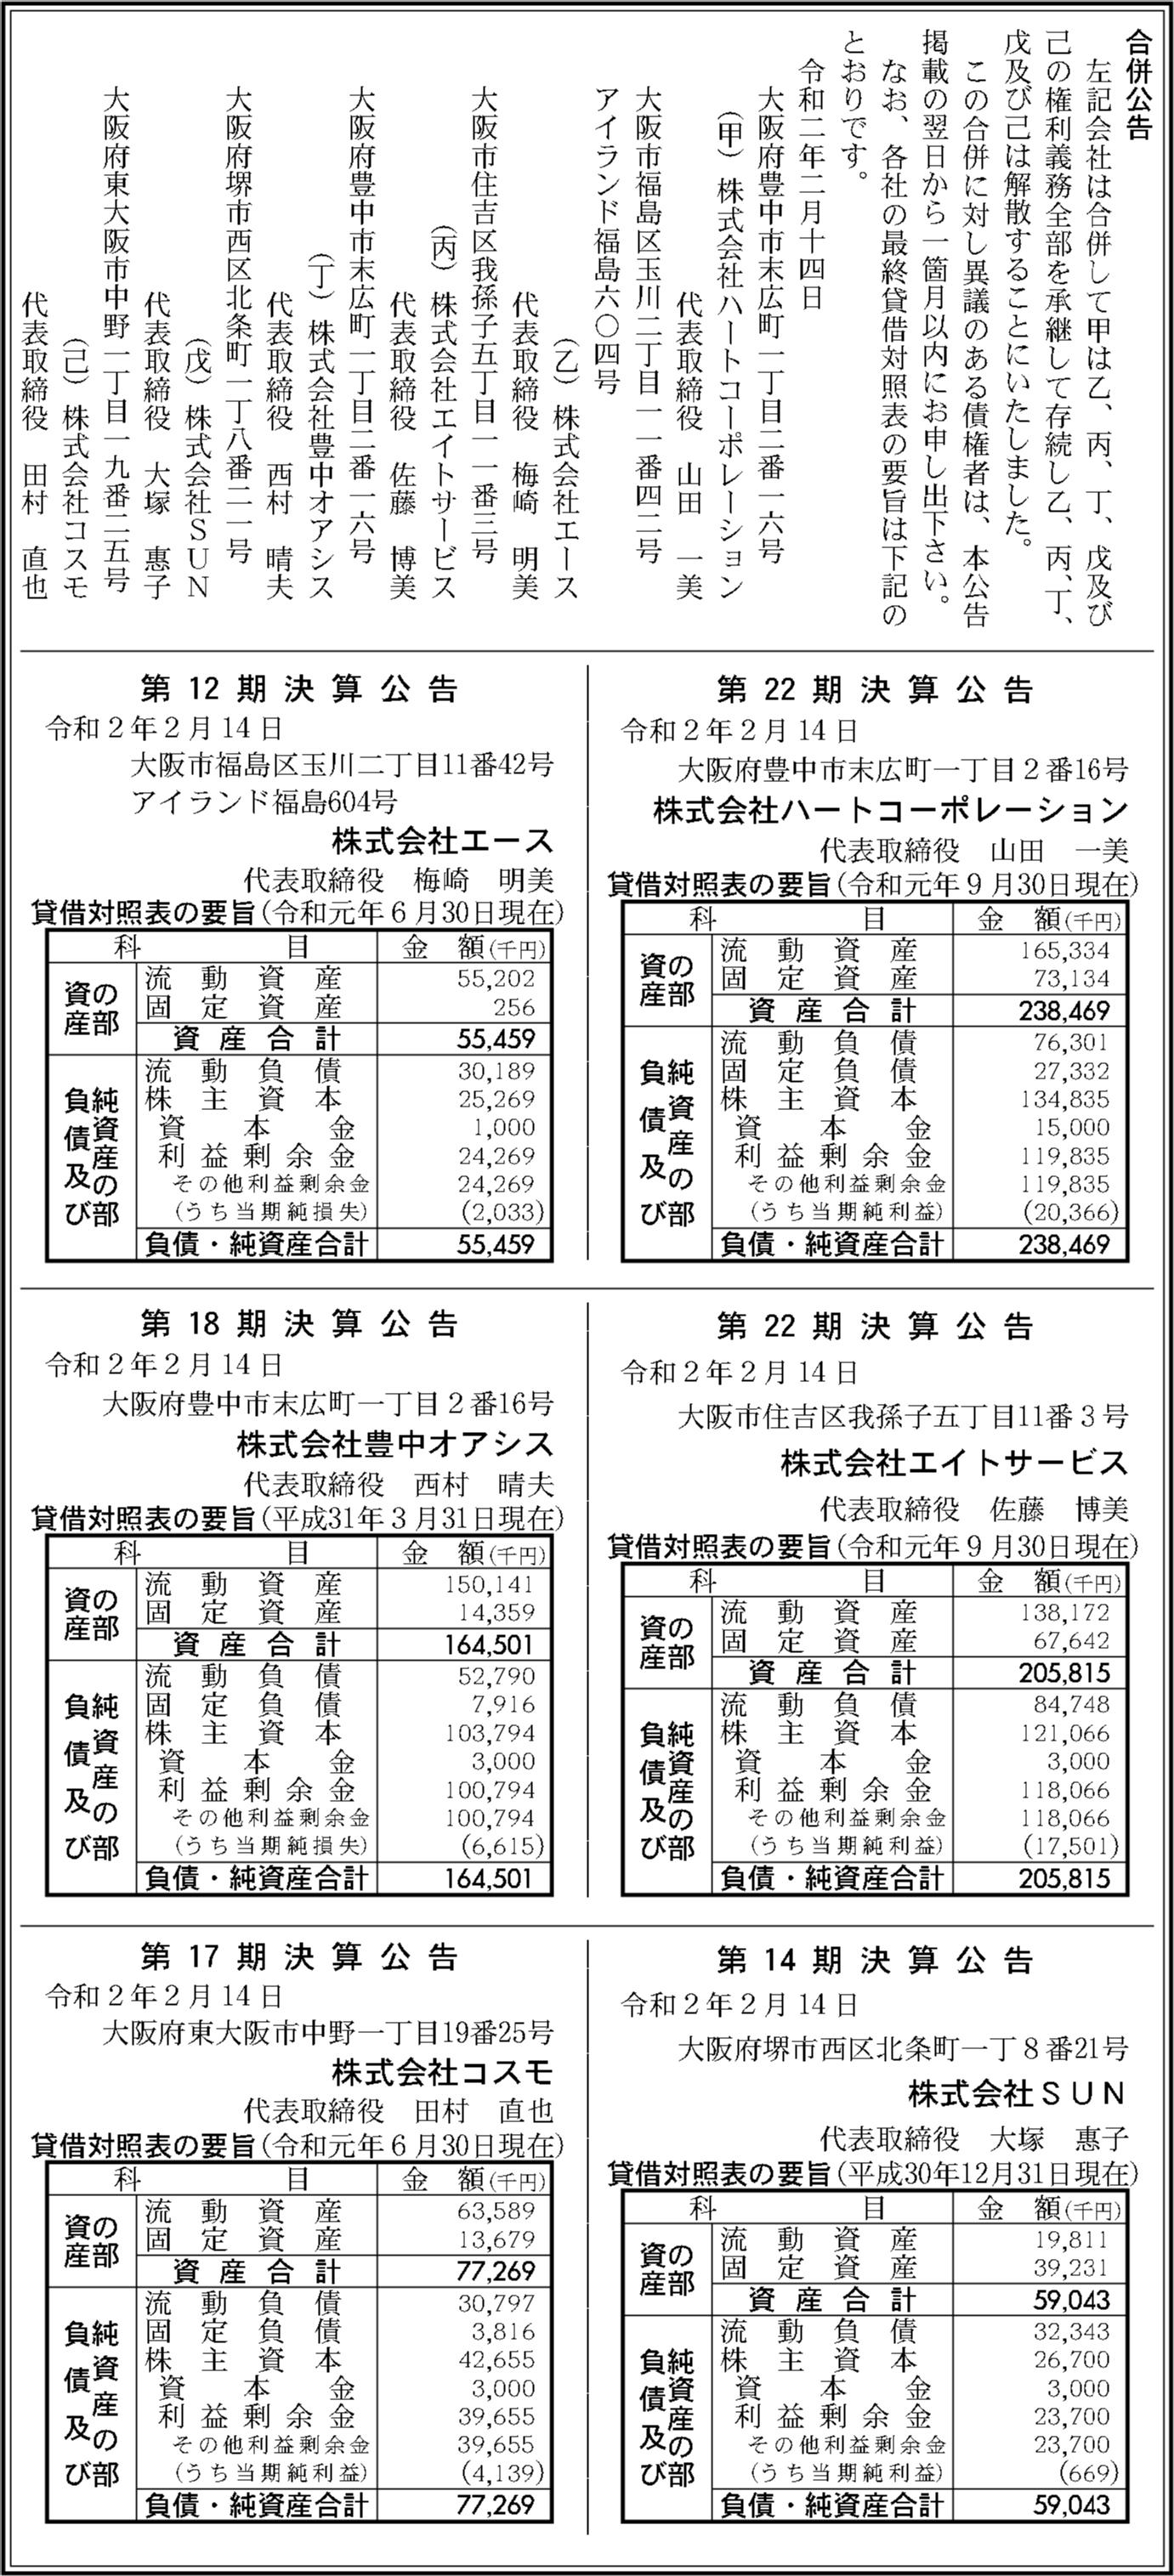 0064 588f77bc9a967dc1a5caf0c9329ed3ed593defaf8a3b476de472ecf54f2c76b7eff909a460a03934359cf043068cf932d389b0b9cecce1163a2281ca7e94738d 01